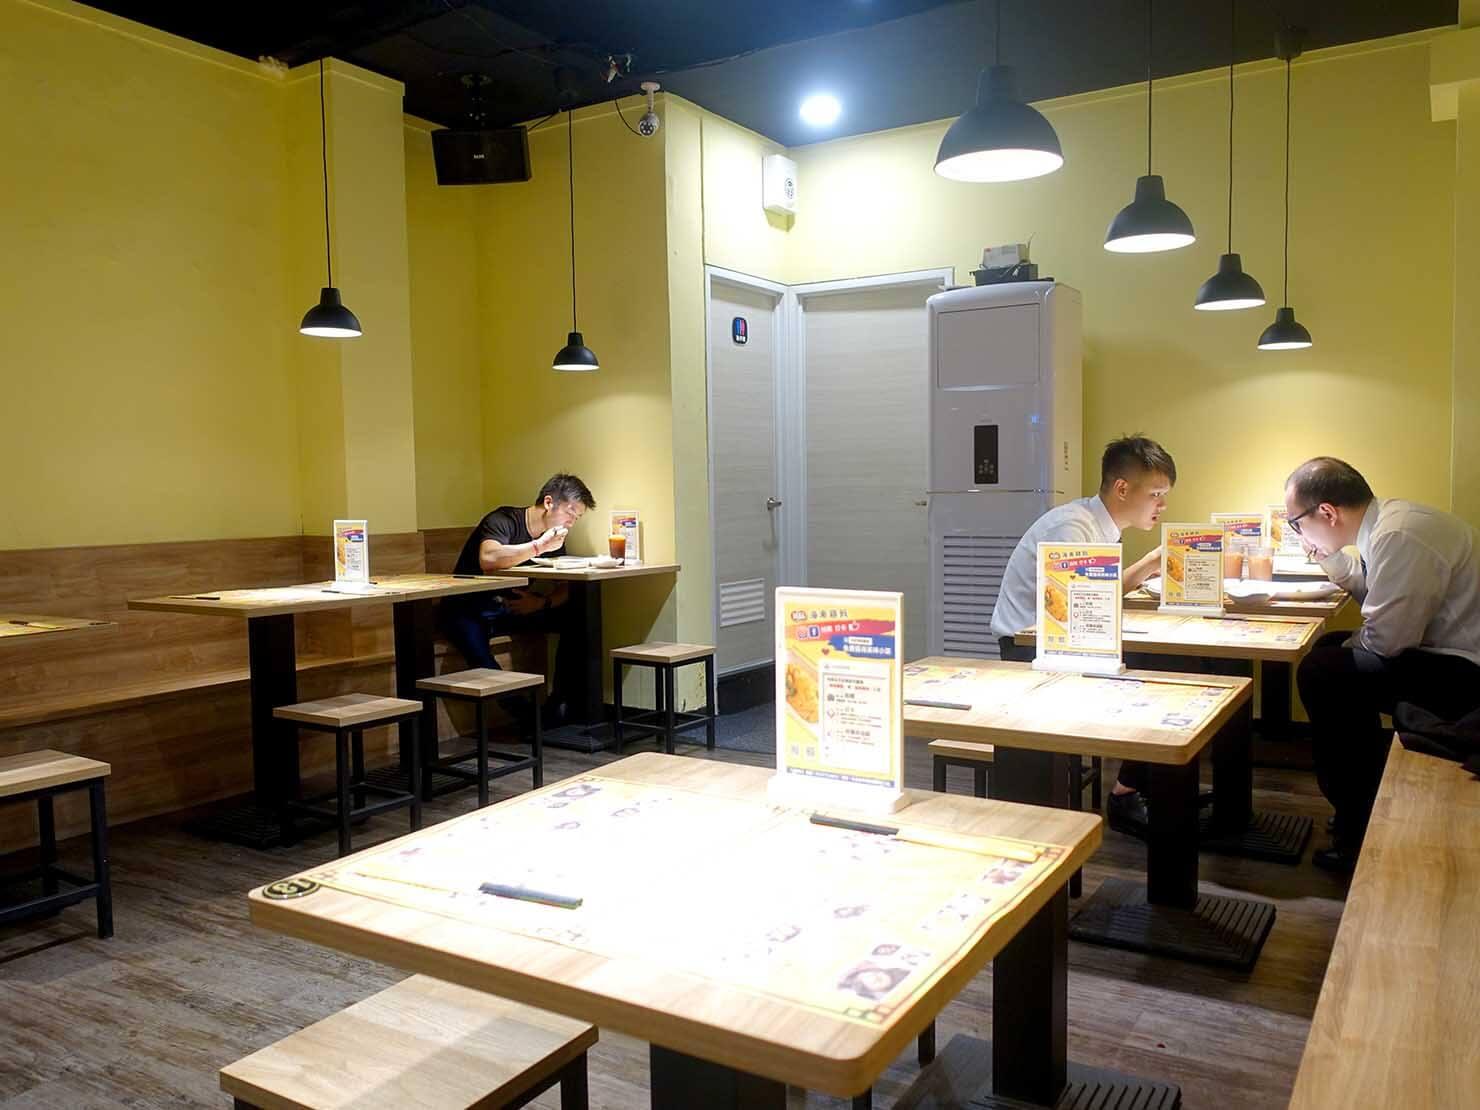 台北・遼寧街夜市のおすすめグルメ店「林記海南雞飯」の店内